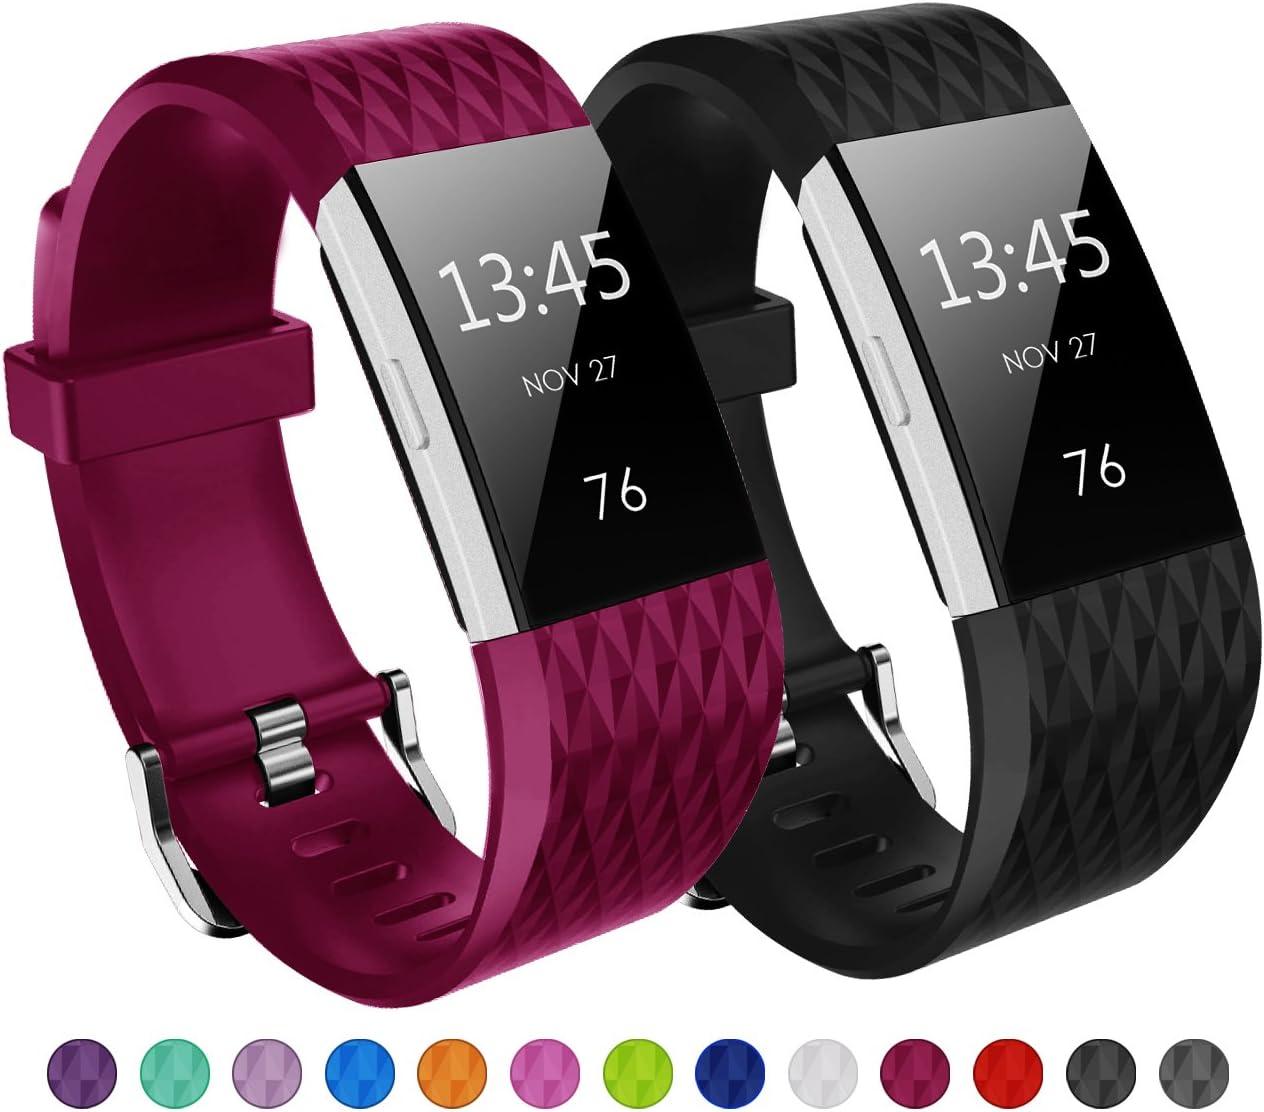 KUTOP Fitbit Charge 2 Correa, TPU Suave Silicona Durable Diamante Patrón de Repuesto Banda Fitness Deportes Ajustable de la Pulsera para Fitbit Charge 2